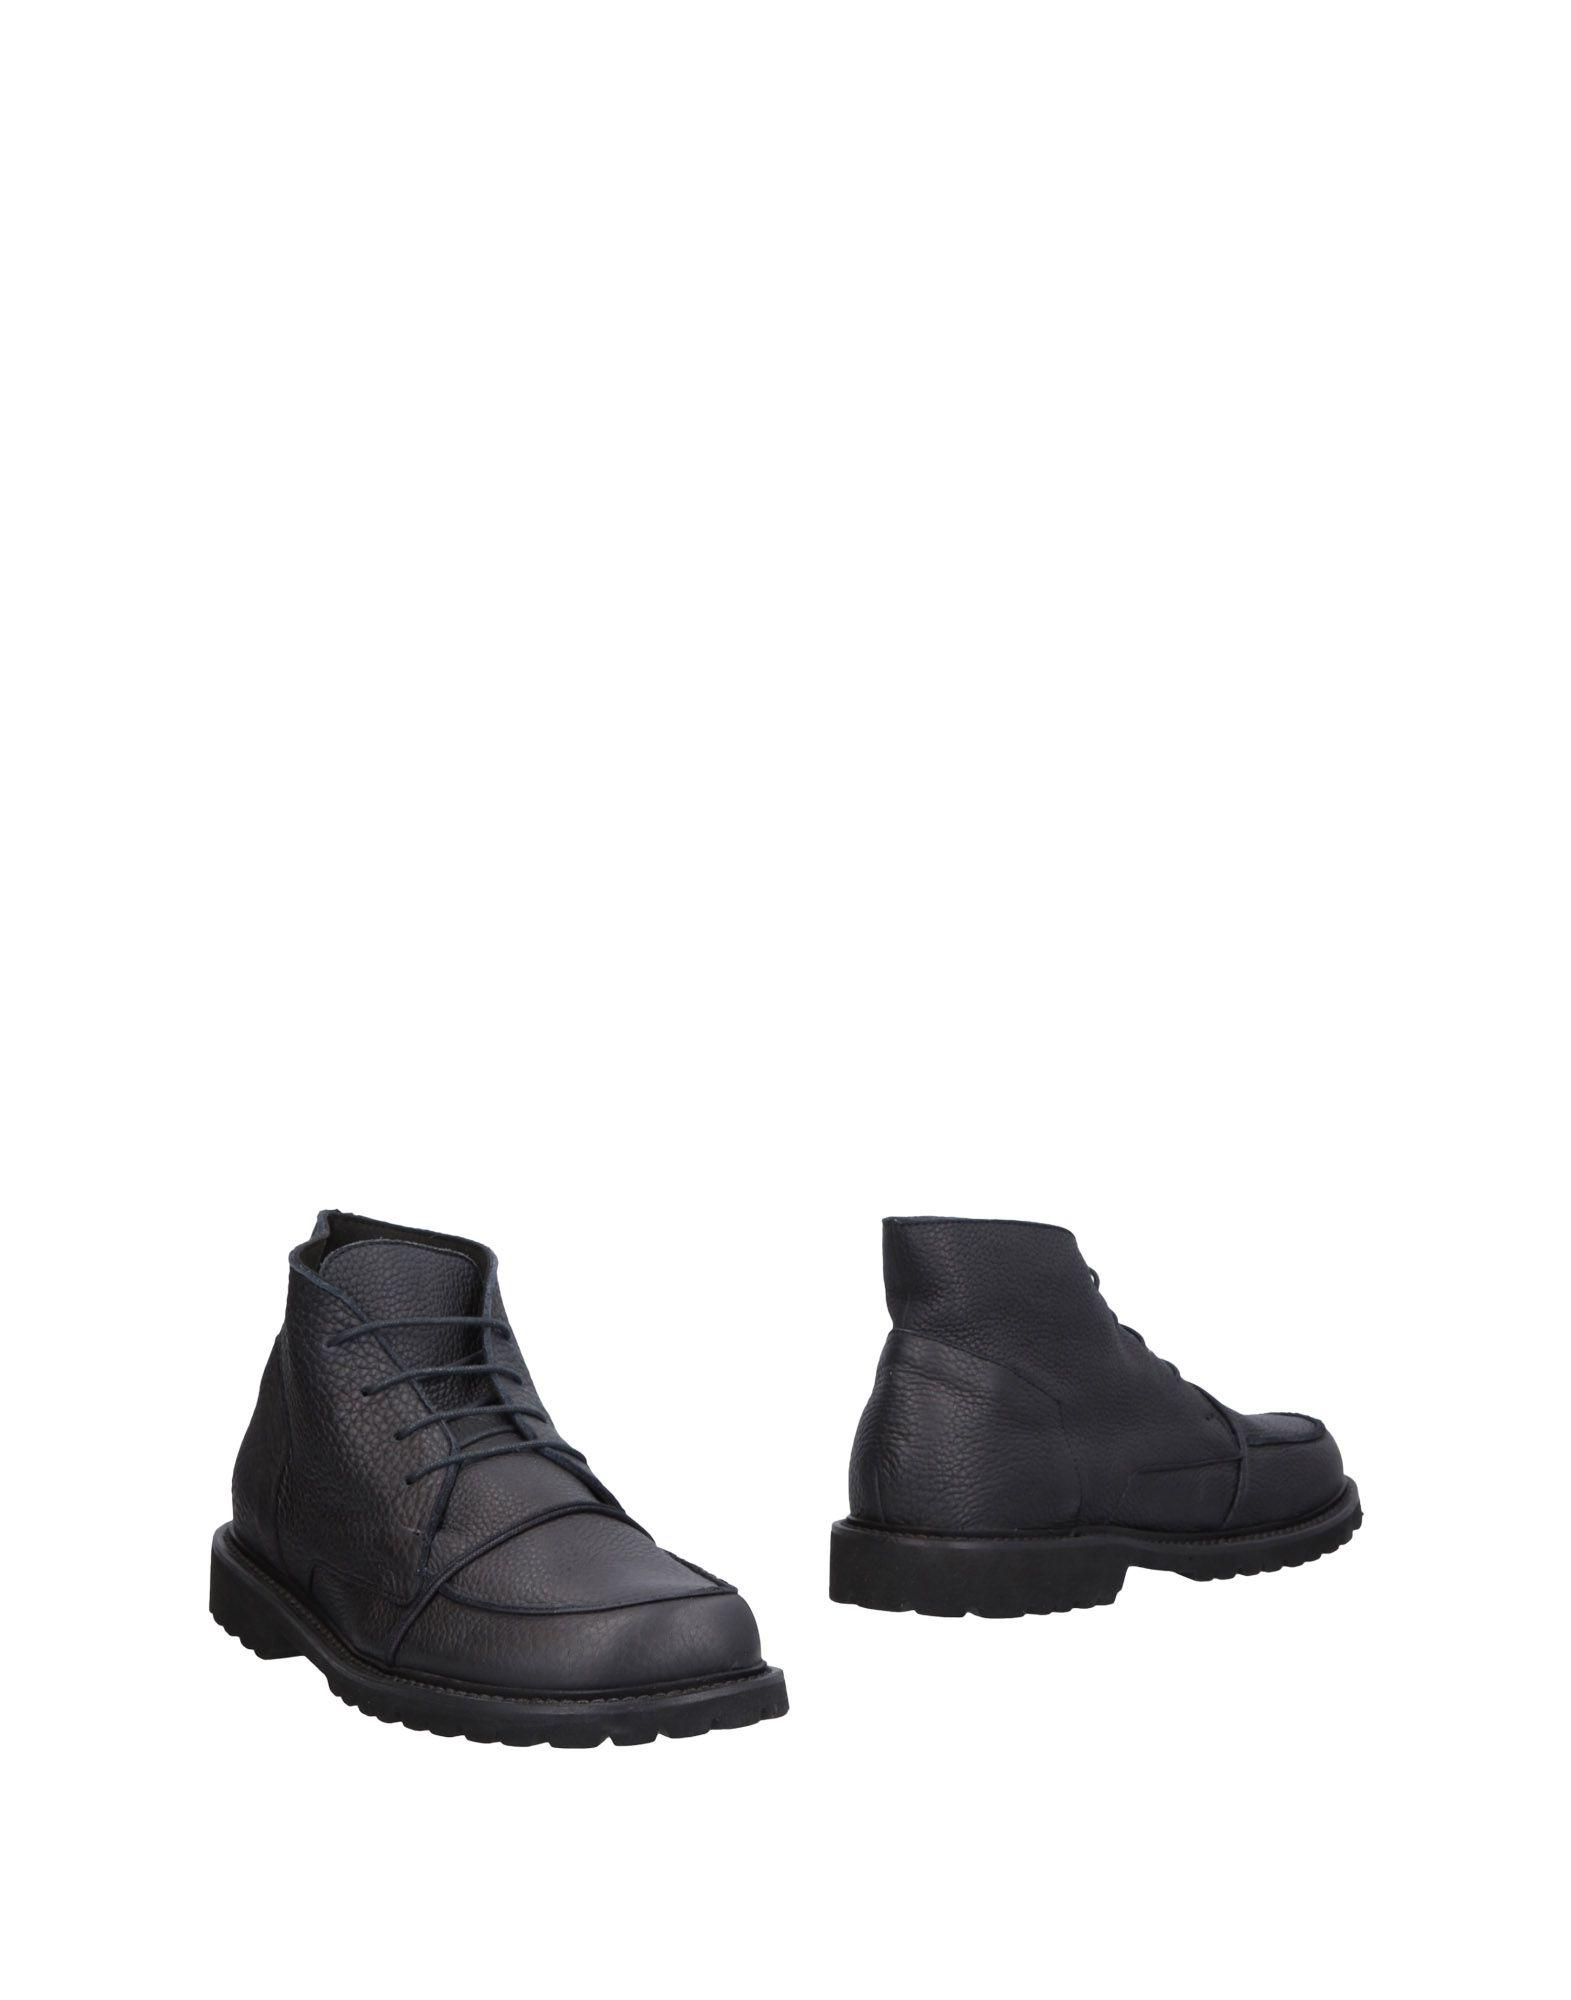 Peter Non Stiefelette Herren  11455906VI Gute Qualität beliebte Schuhe